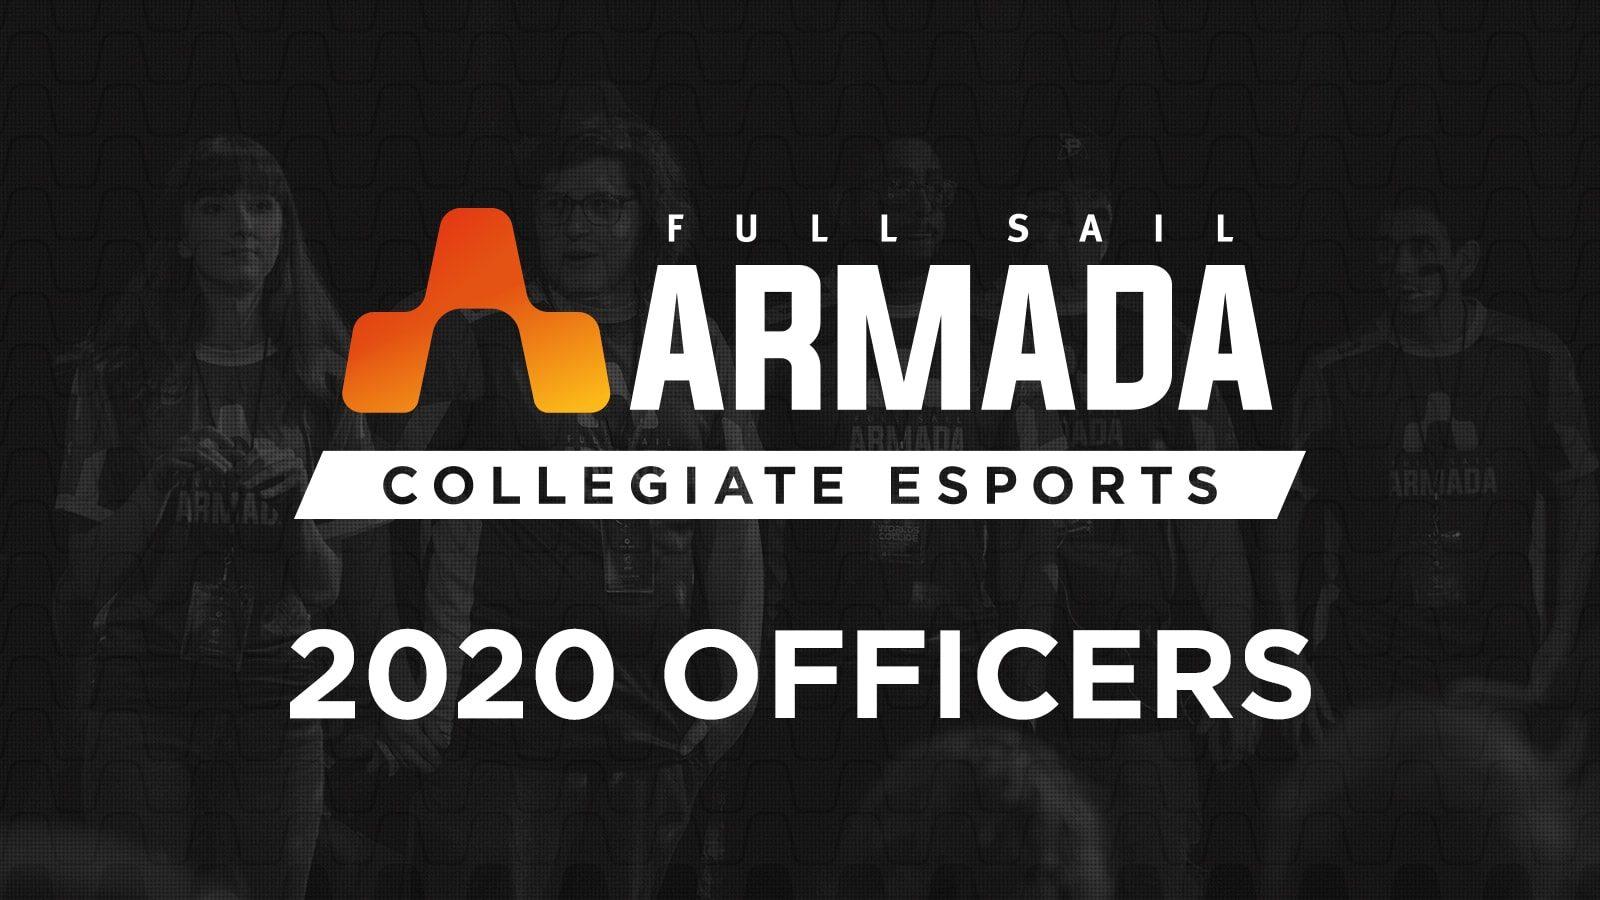 Announcing Full Sail Armada's 2020 Officers - Hero image